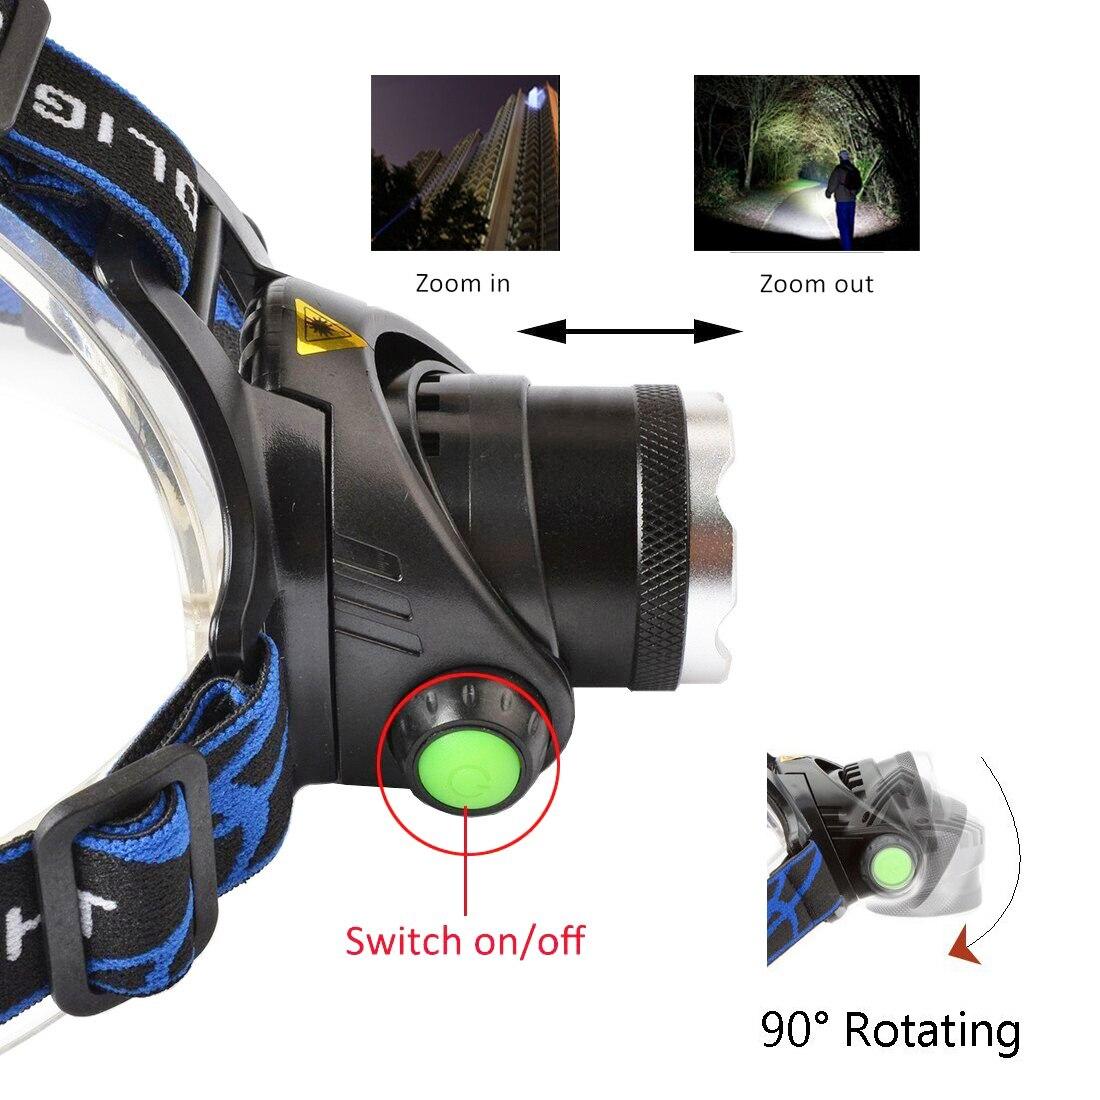 RU 8000LM Cree XML-L2 XM-L T6 Led Headlamp Zoomable Headlight Waterproof Head Torch flashlight Head lamp Fishing Hunting Light